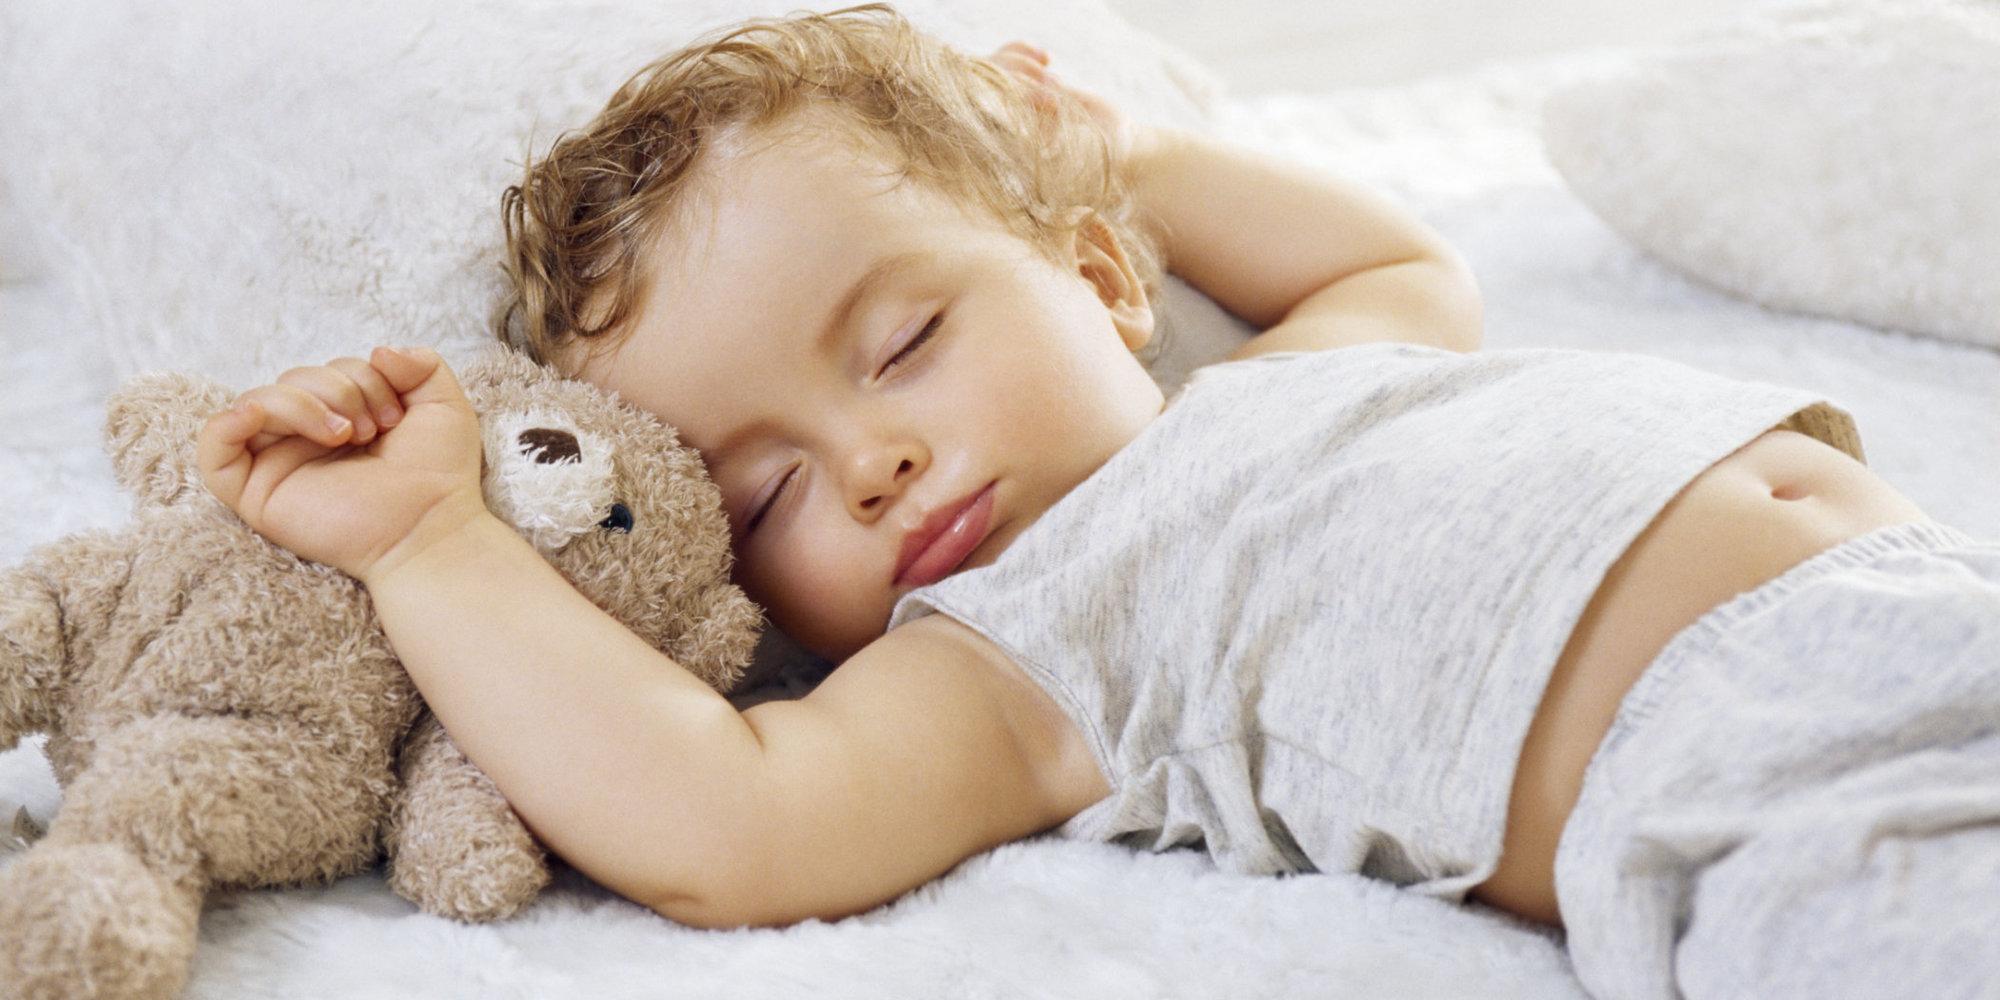 читаете просыпайся малышка картинки сегодняшний герой нуждается